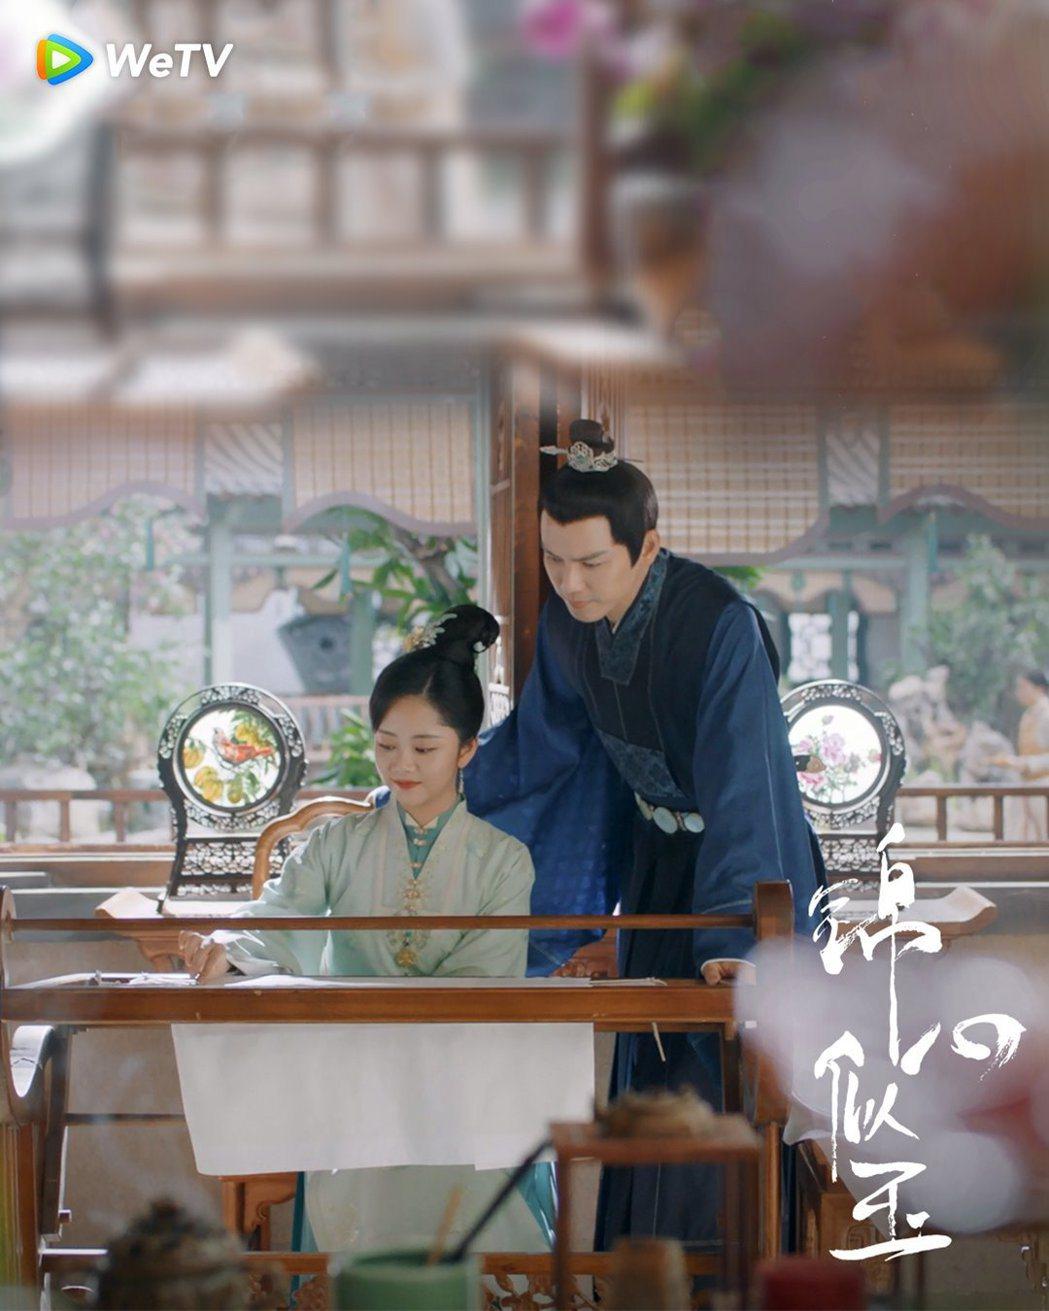 譚松韻(左)、鍾漢良在「錦心似玉」中甜蜜升級。圖/WeTV海外站提供